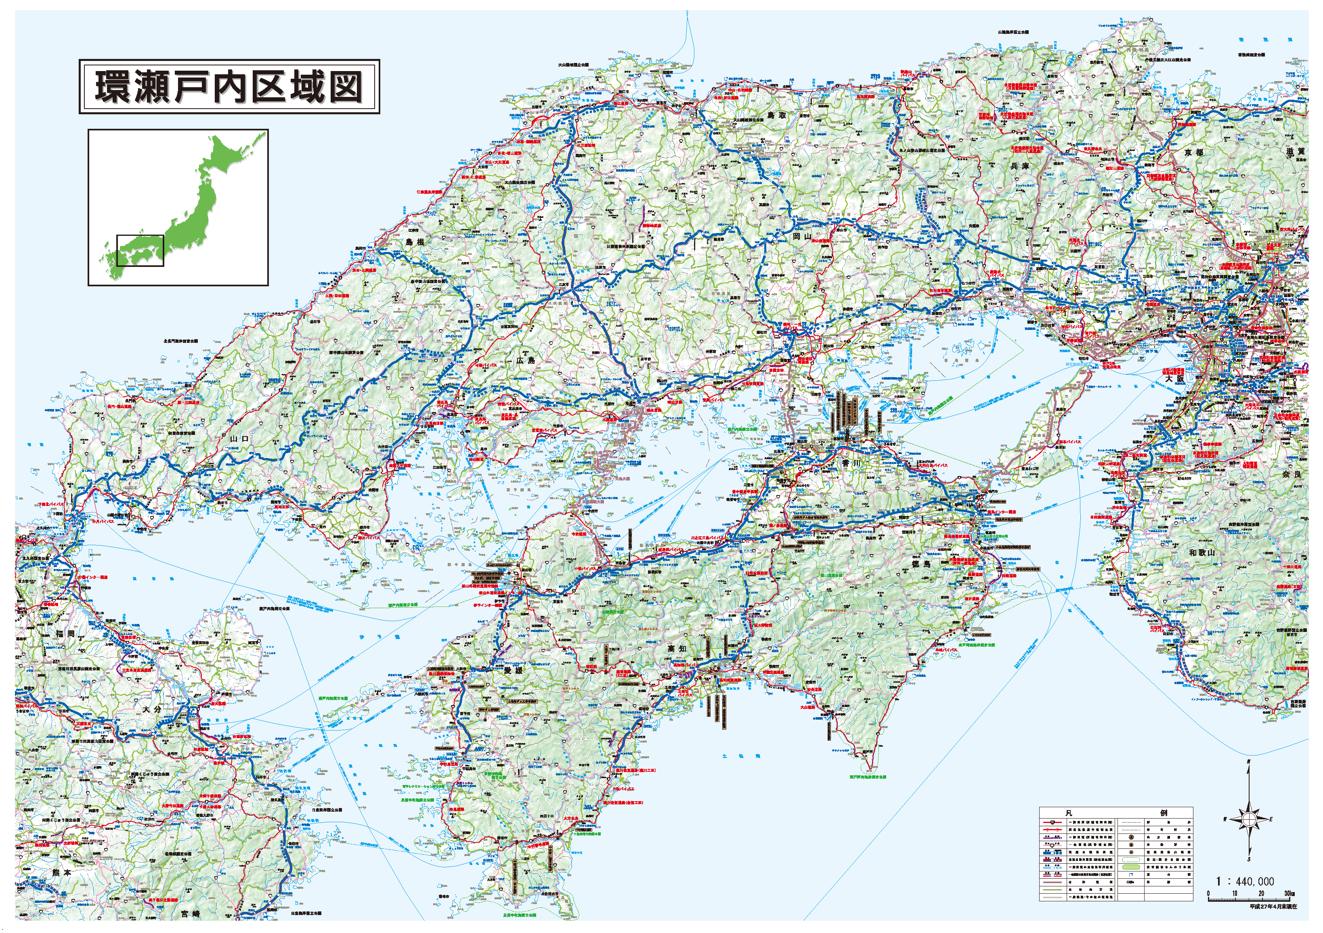 環瀬戸内区域図